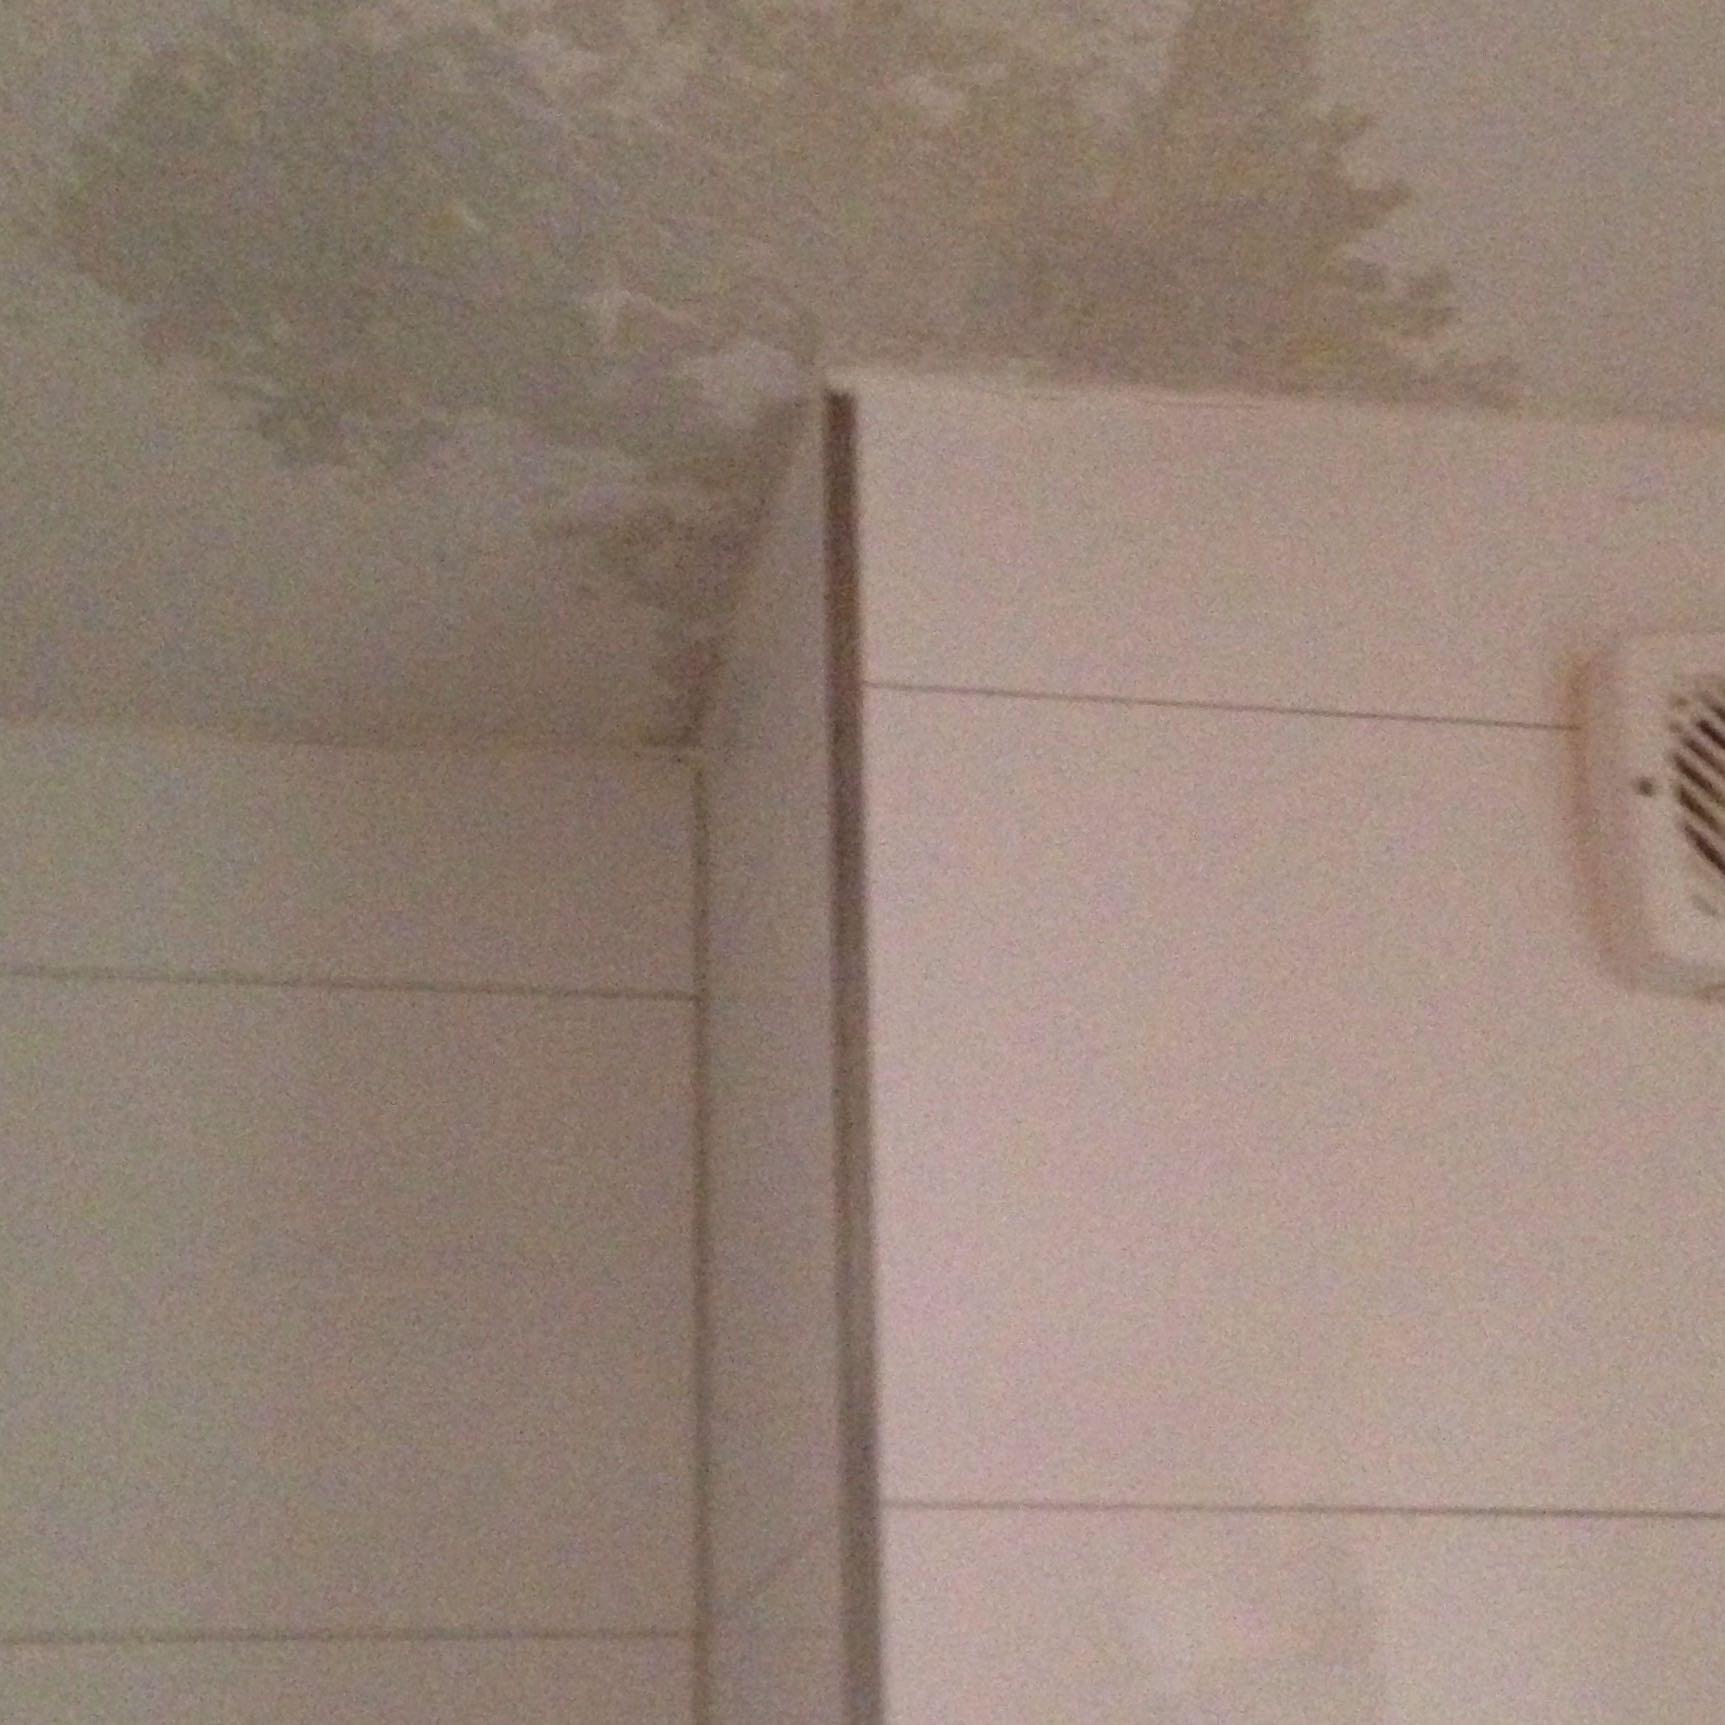 Ein grer werdender Wasser Fleck im Bad an der Decke